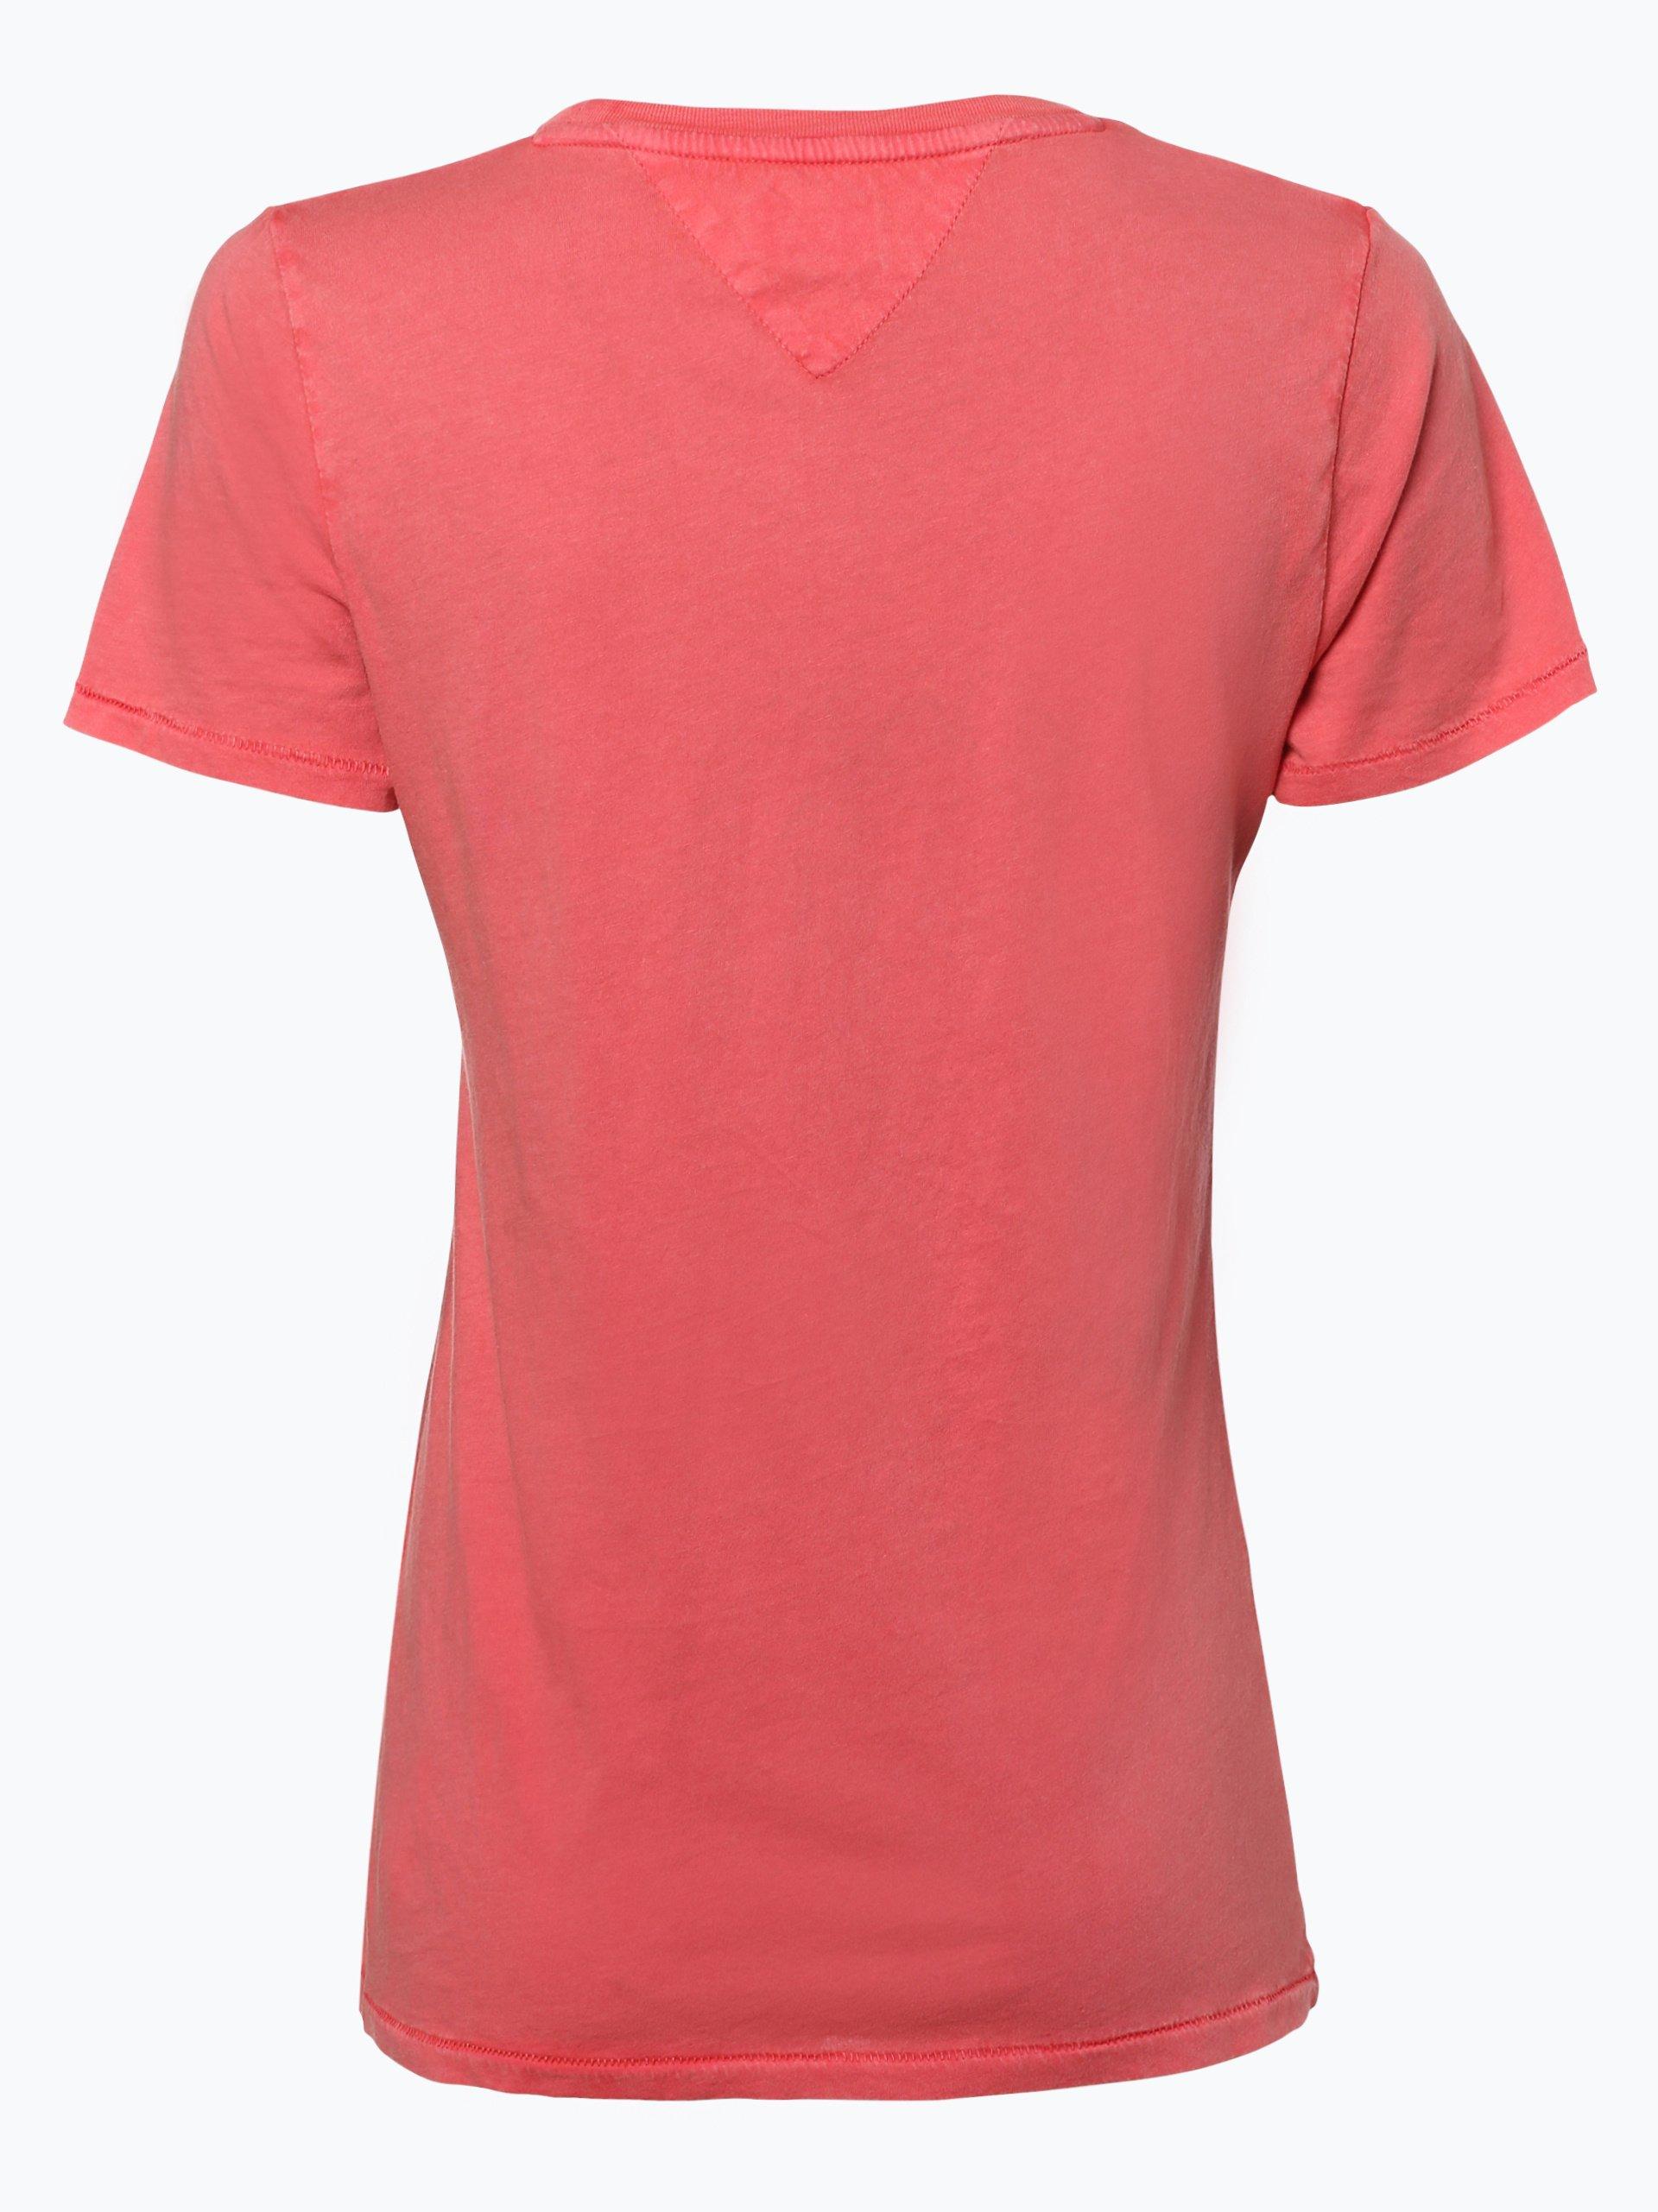 tommy jeans damen t shirt koralle gemustert online kaufen vangraaf com. Black Bedroom Furniture Sets. Home Design Ideas